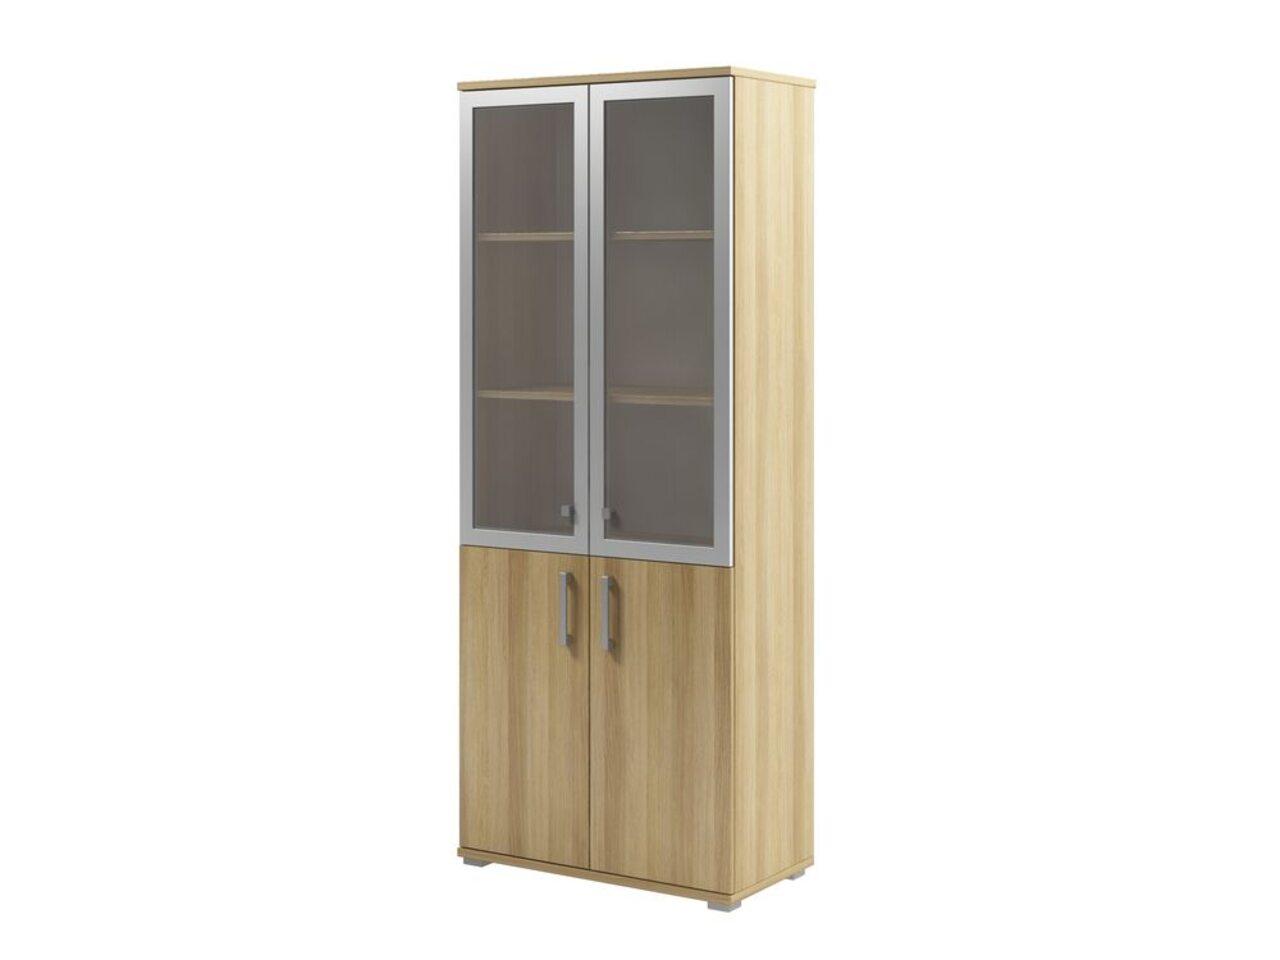 Шкаф с матовым белым стеклом  Space 80x43x200 - фото 3